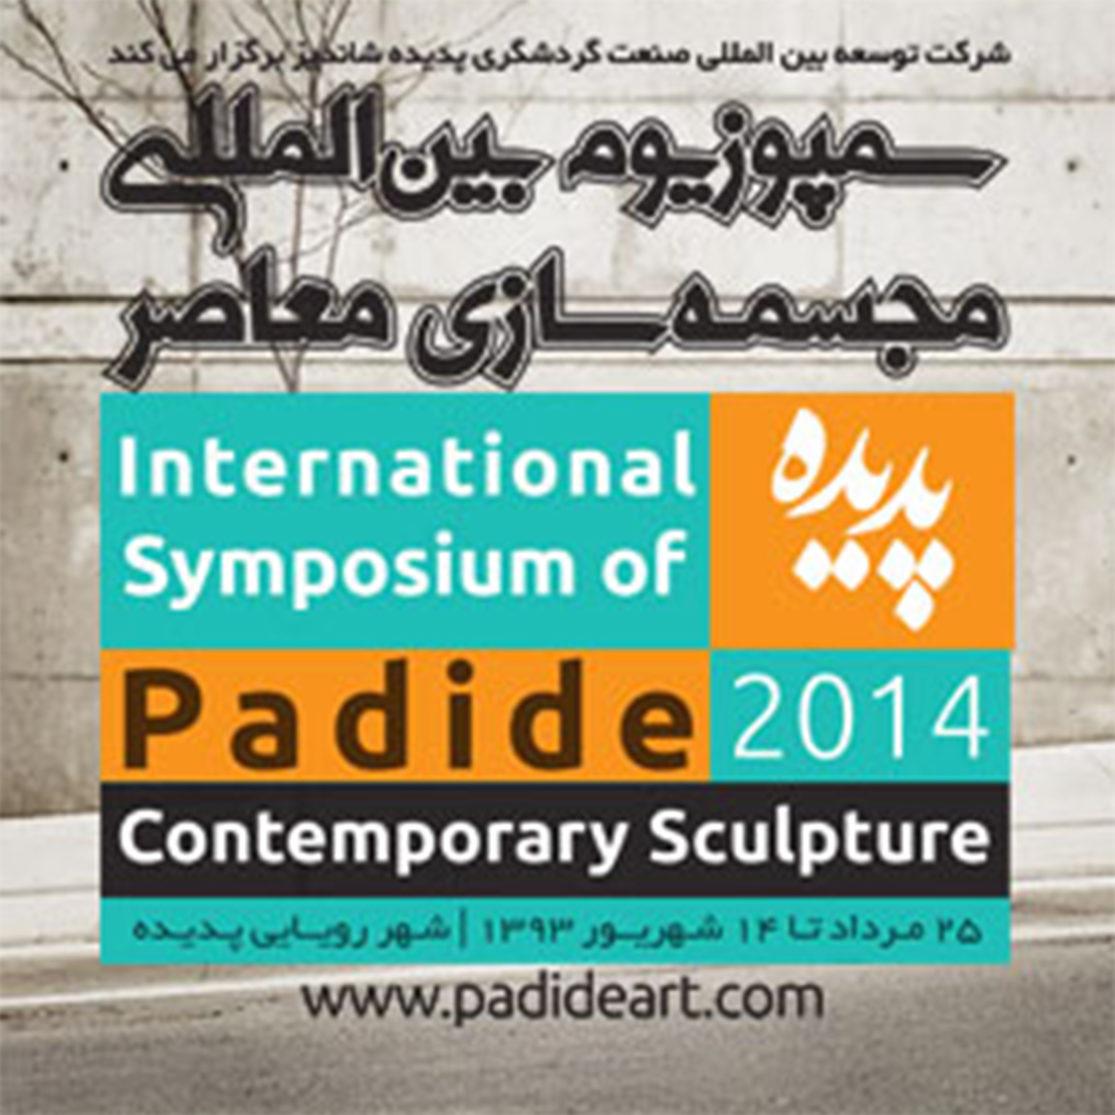 mashhad symposium